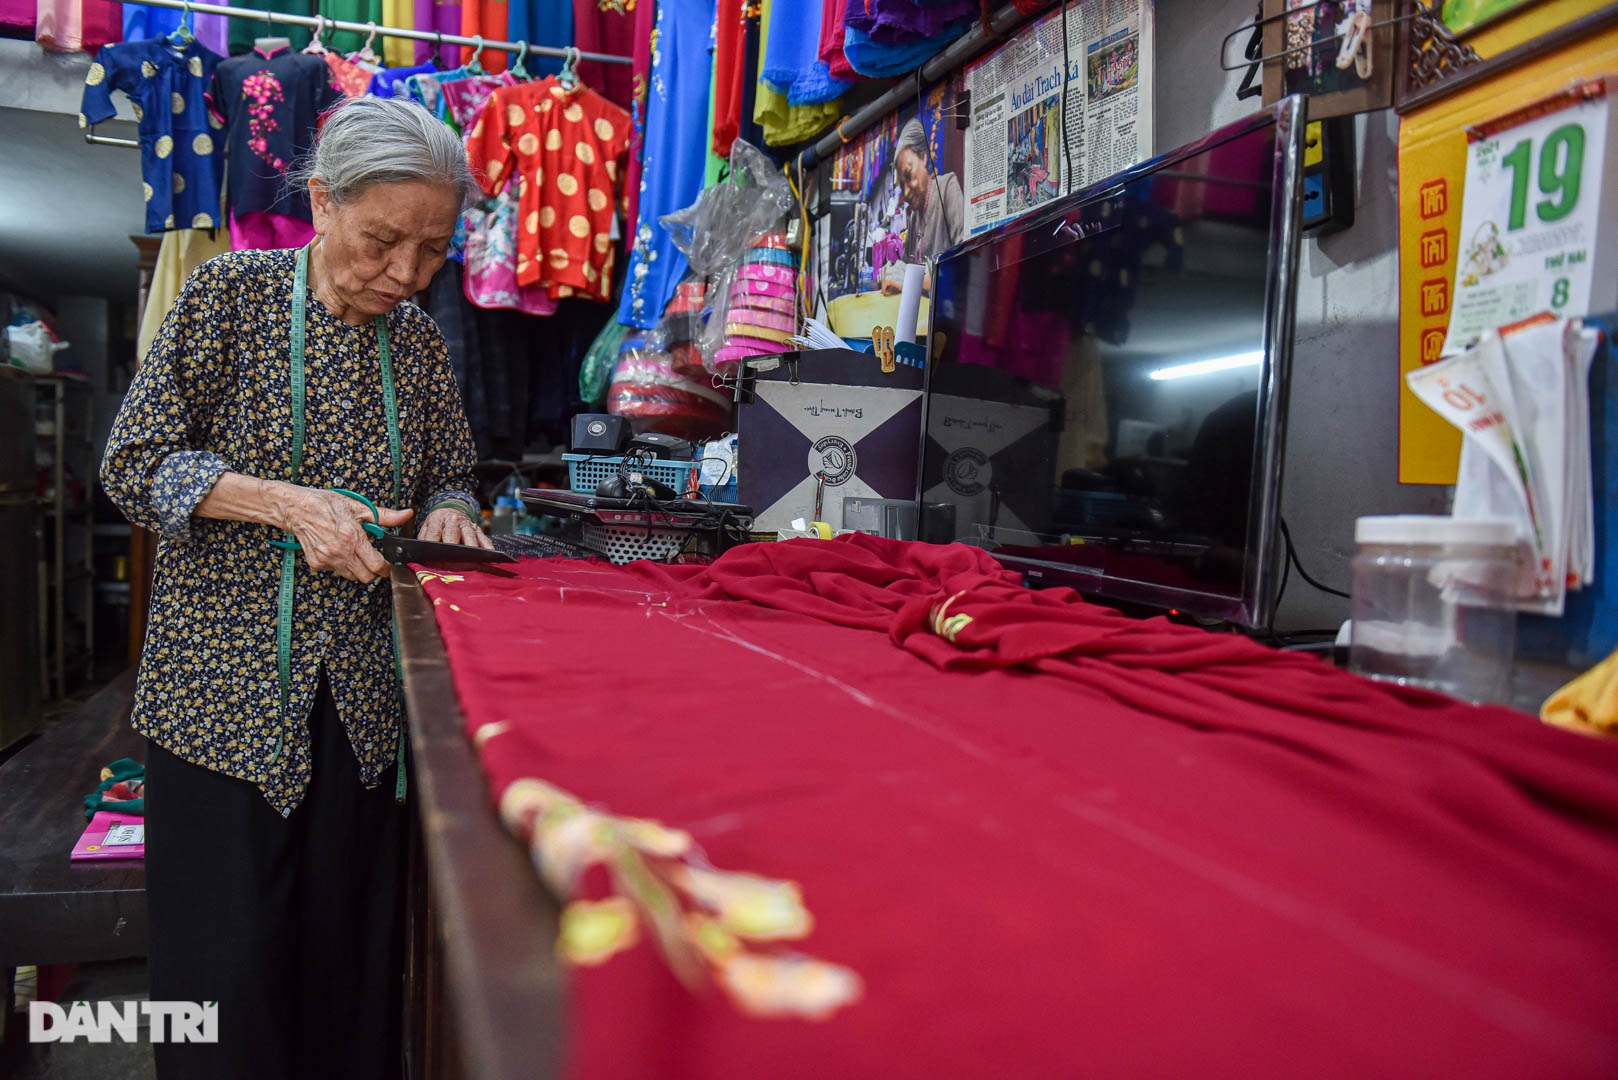 Tiệm áo dài 4 đời được trả 400 cây vàng mà không bán của cụ bà 81 tuổi - 10